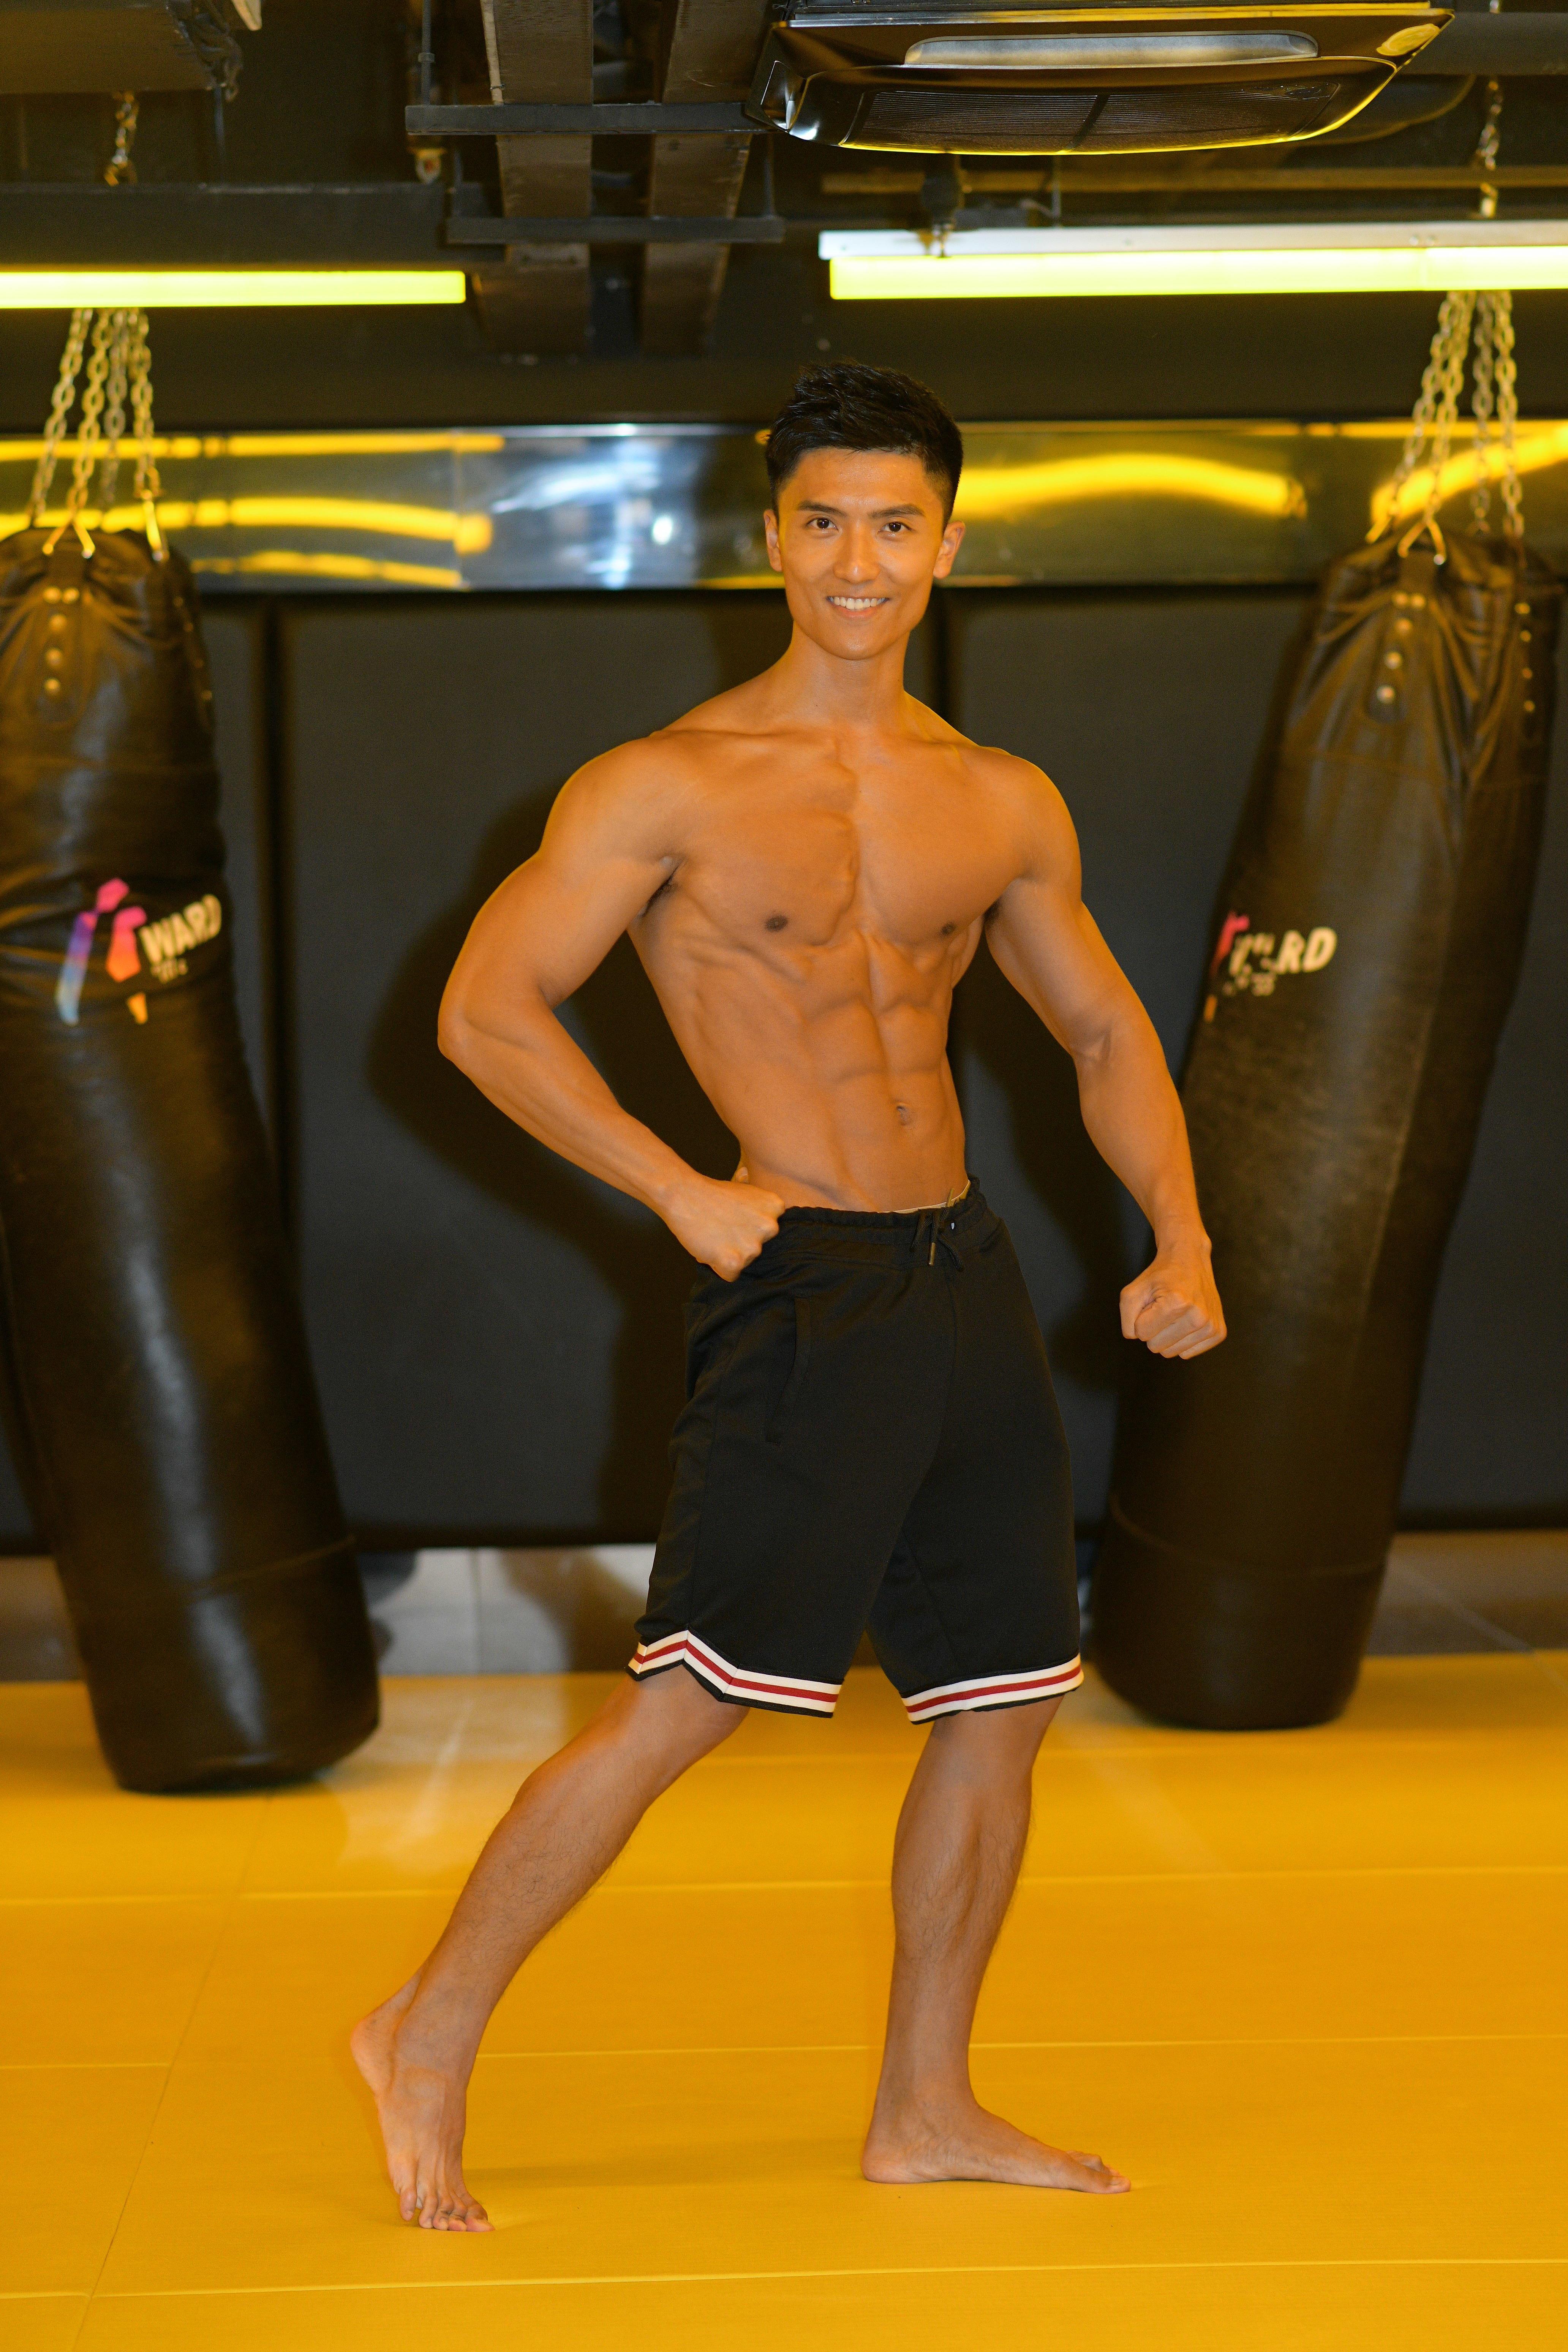 陳偉洪經過三個月無味人生,令他練得一身健美肌肉,準備本周六參加健美比賽。